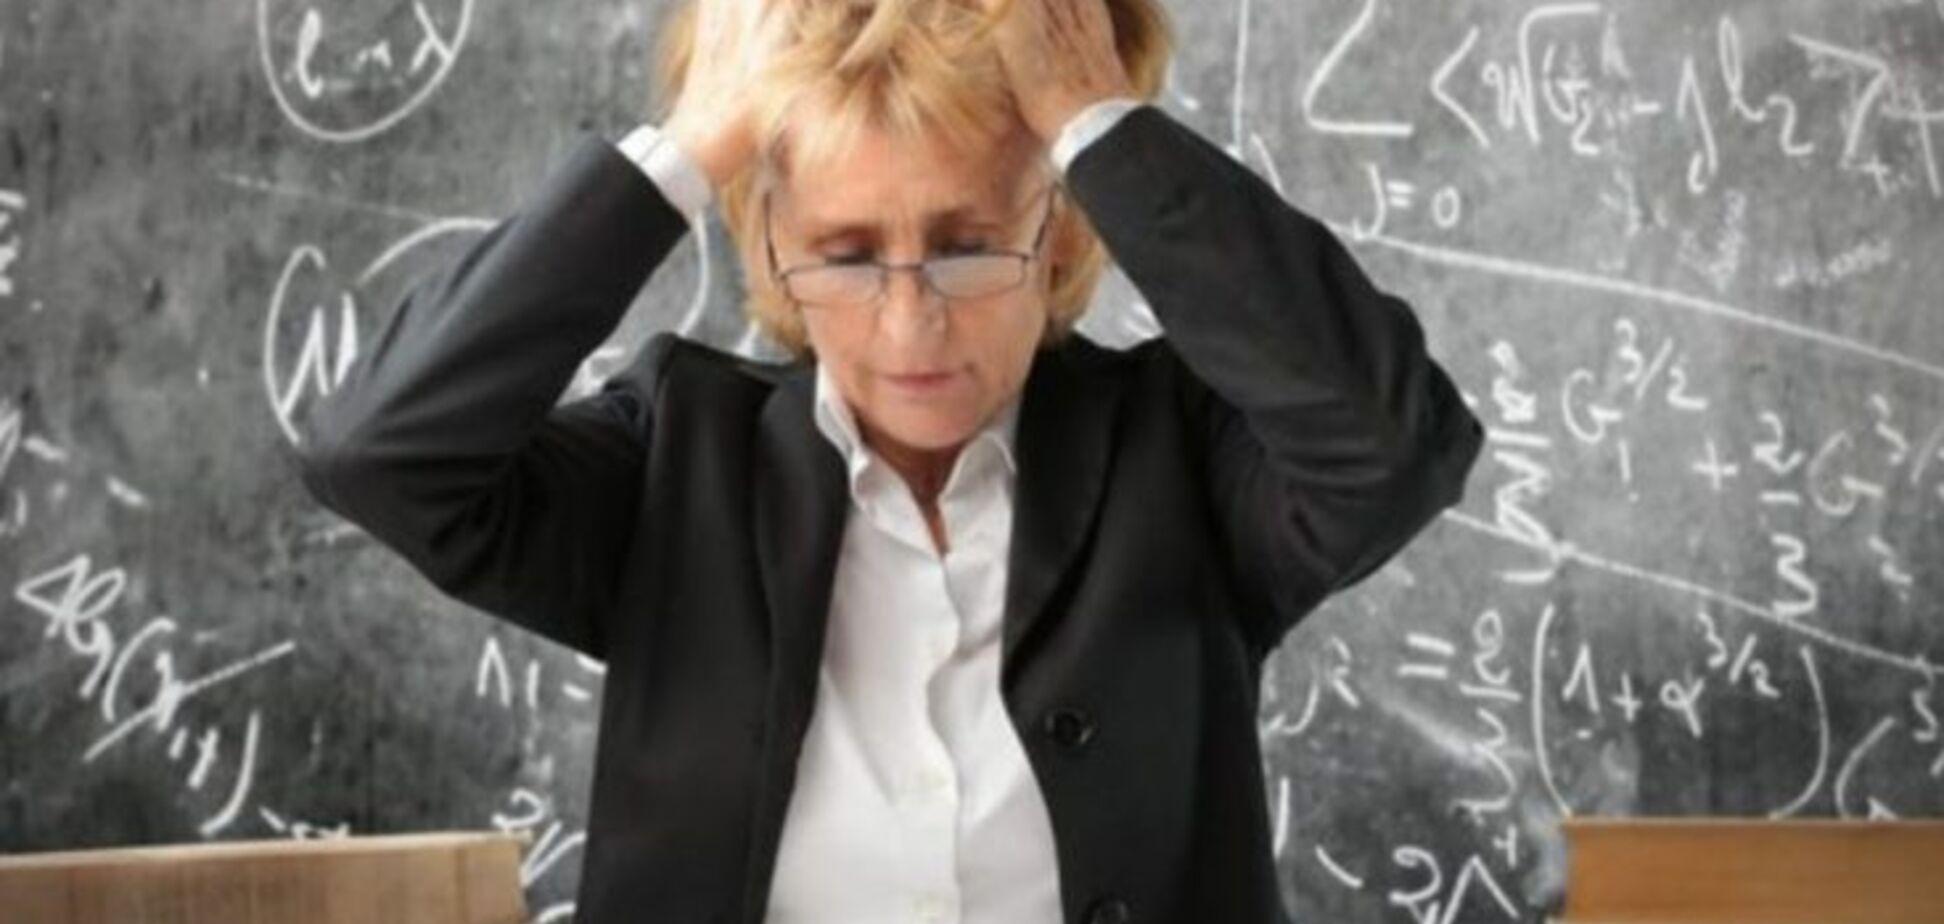 Вчителі забили на сполох через скасування надбавок: у 'Голосі' пояснили ініціативу